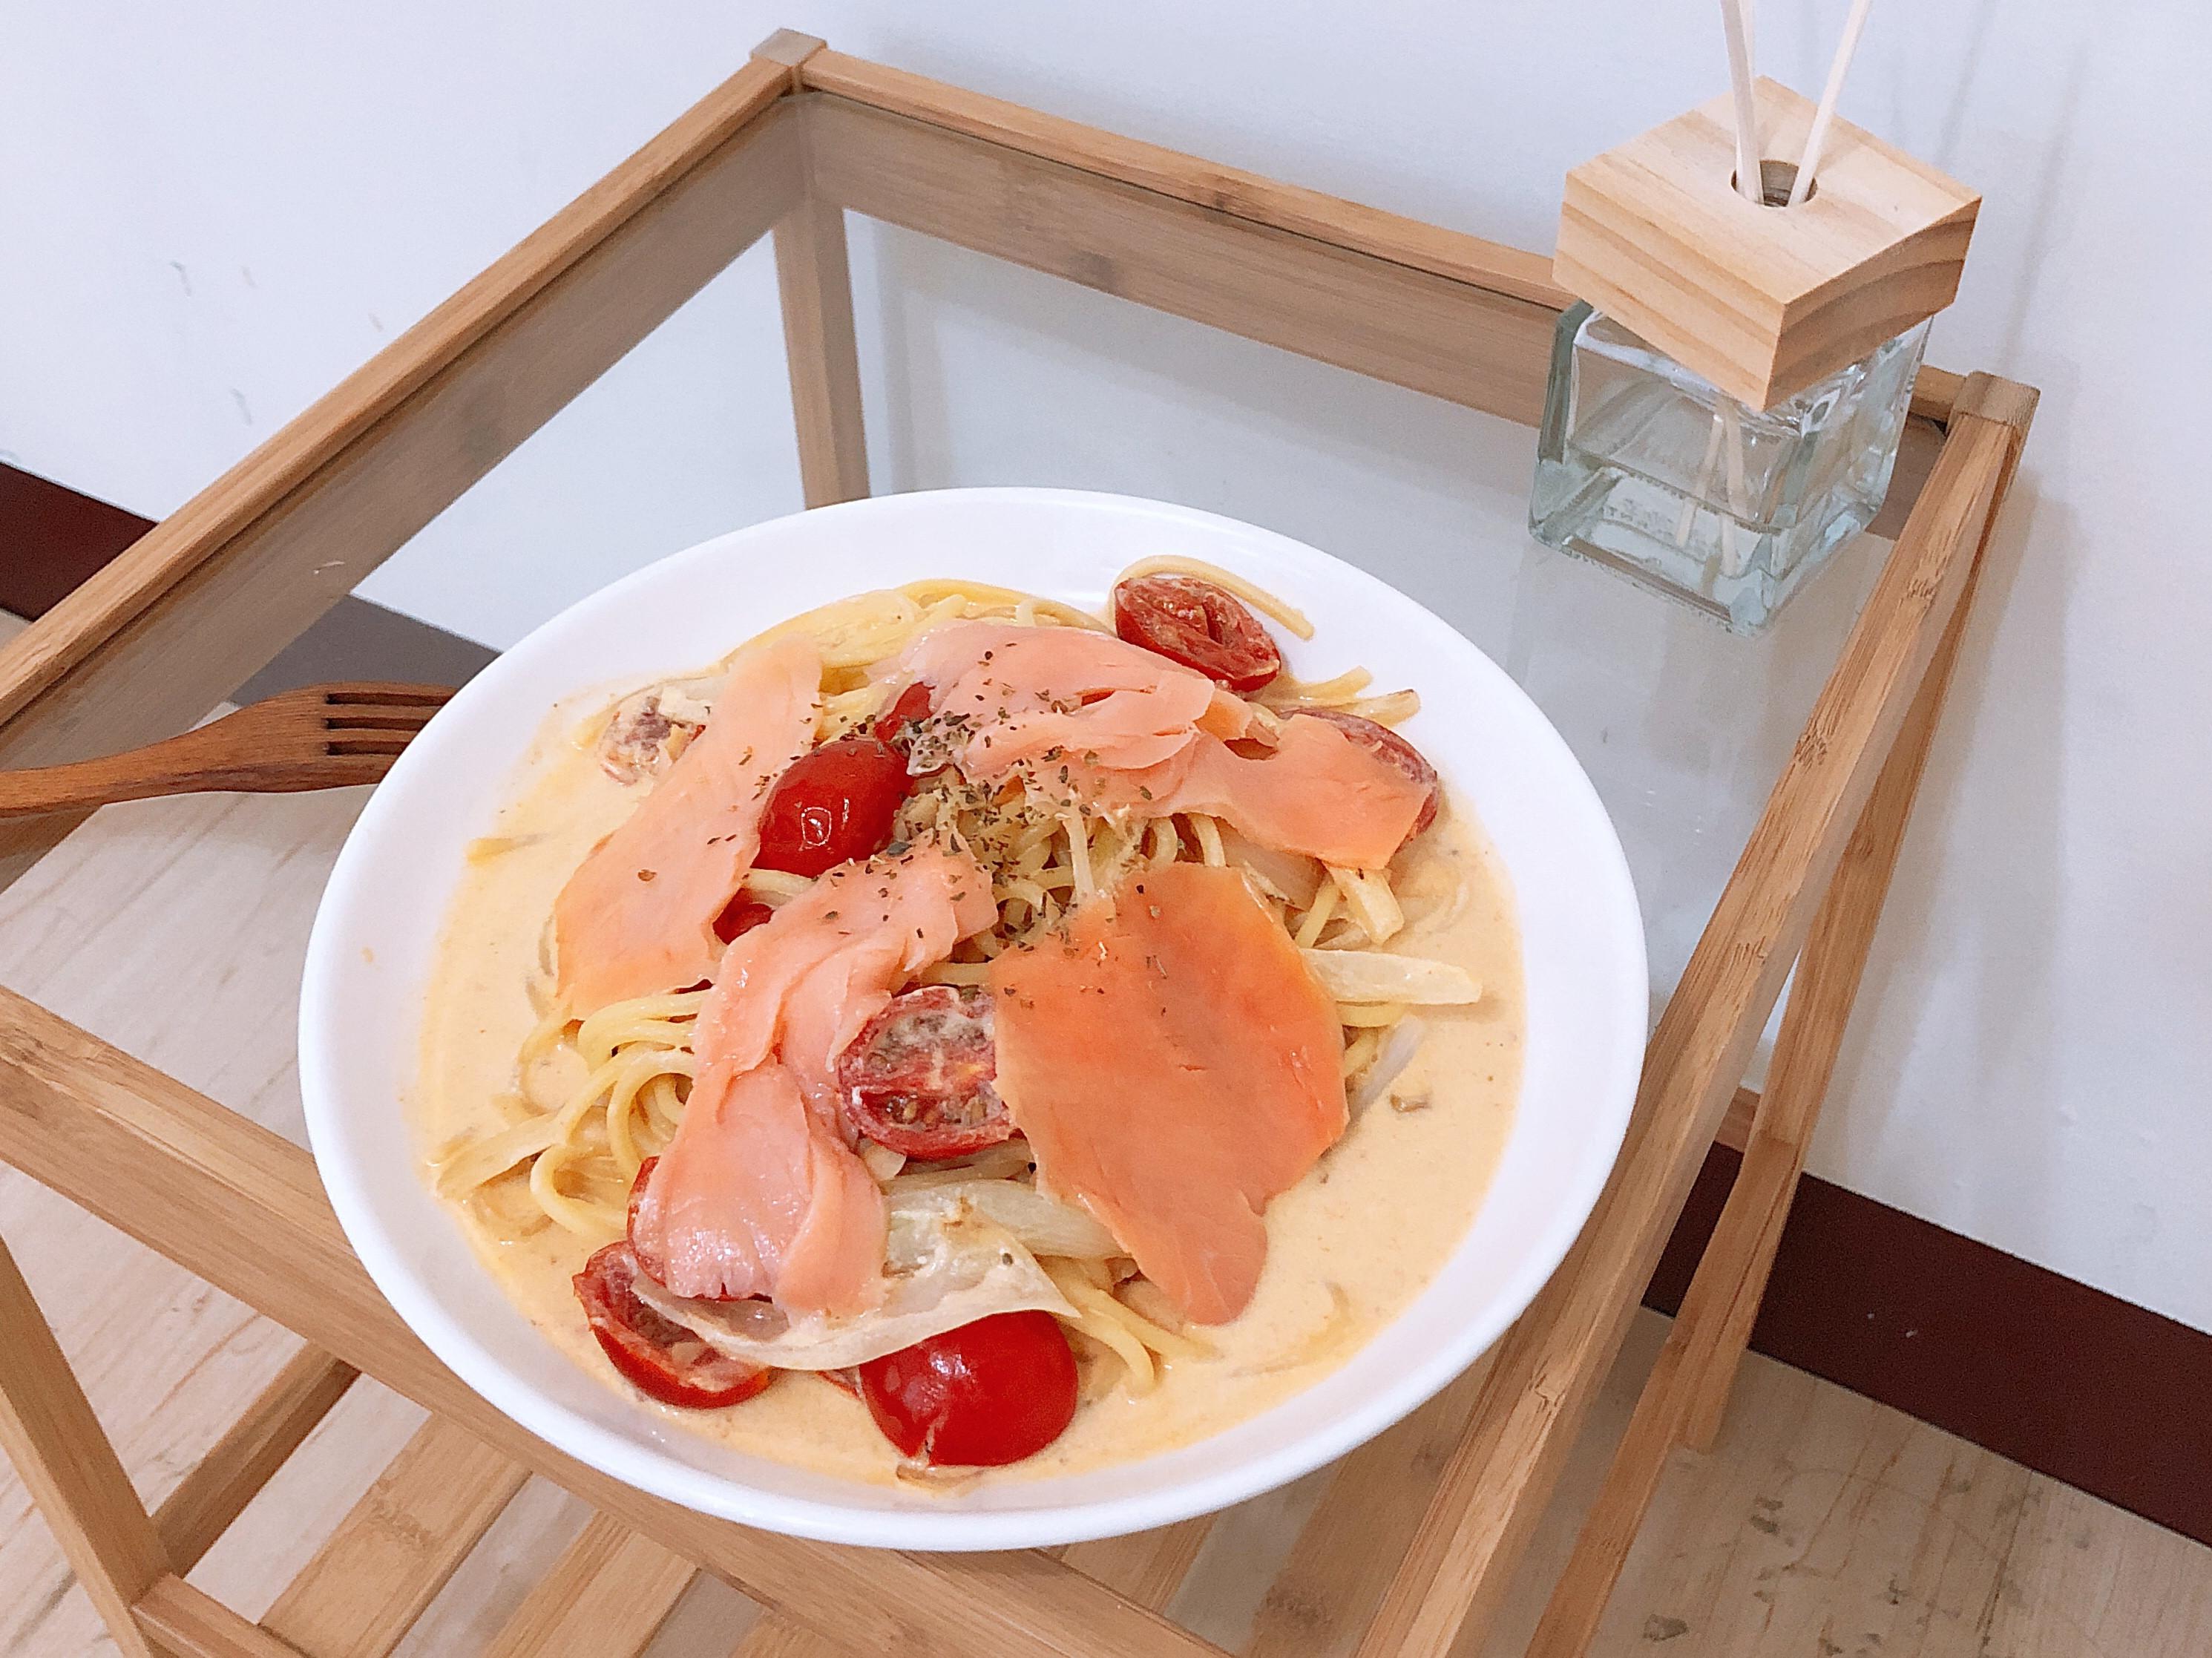 燻鮭魚酸奶蕃茄 粉紅義大利麵